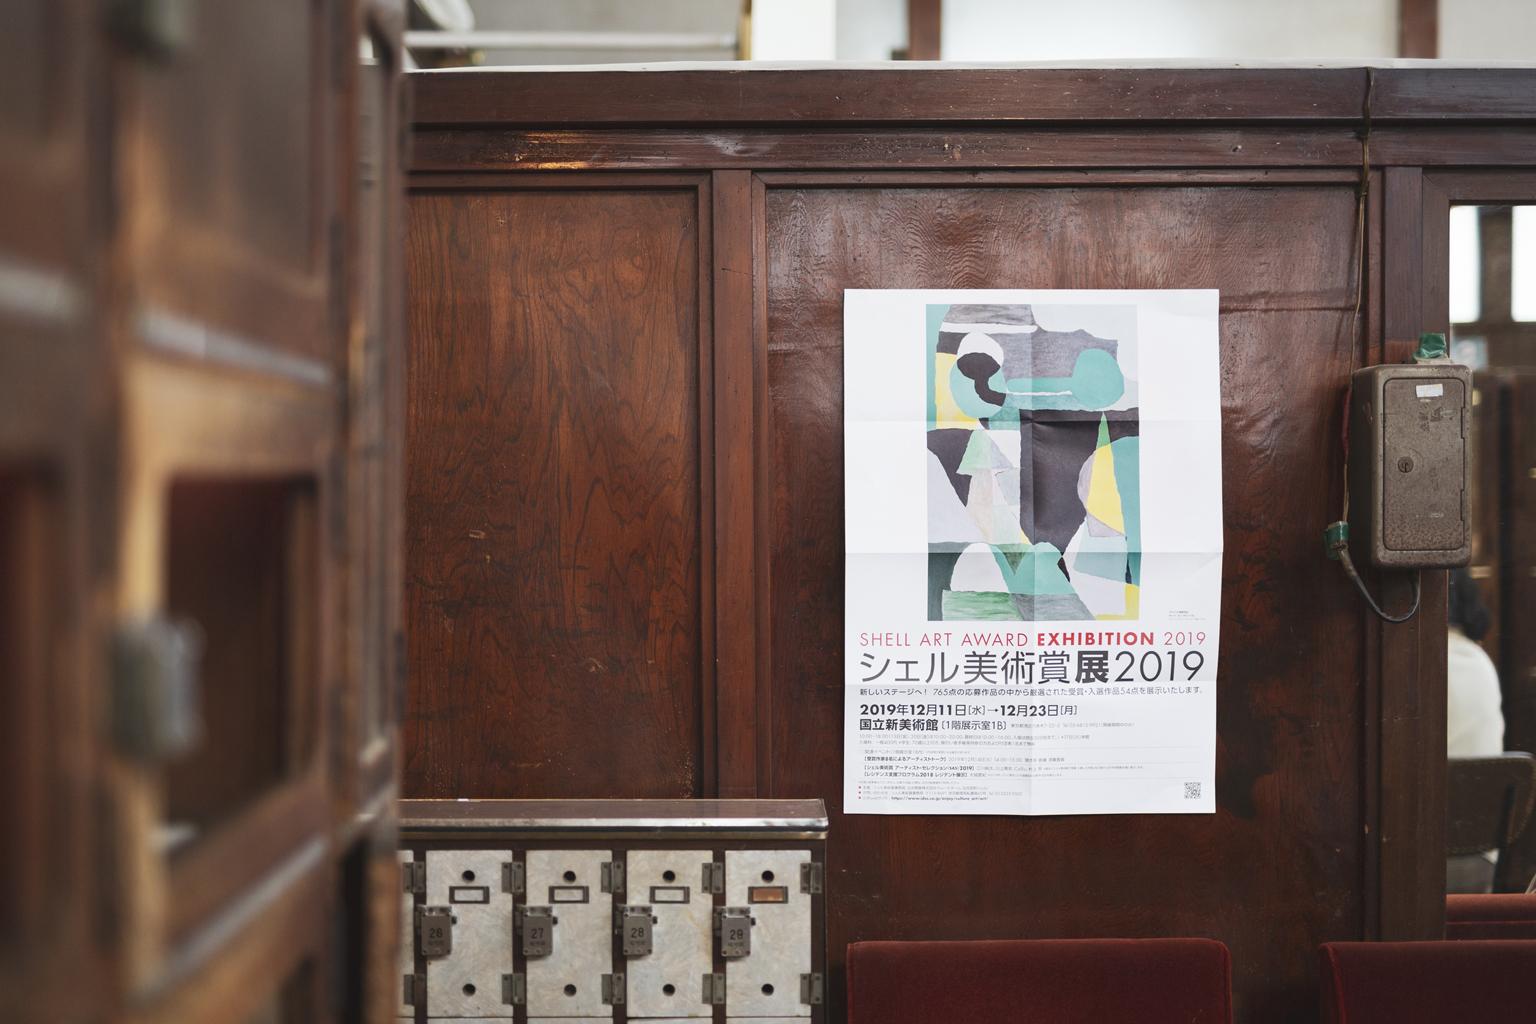 四谷未確認スタジオに飾られた、シェル美術賞2019のポスター。黒坂祐さんのグランプリ受賞作品がメインビジュアルになっている。